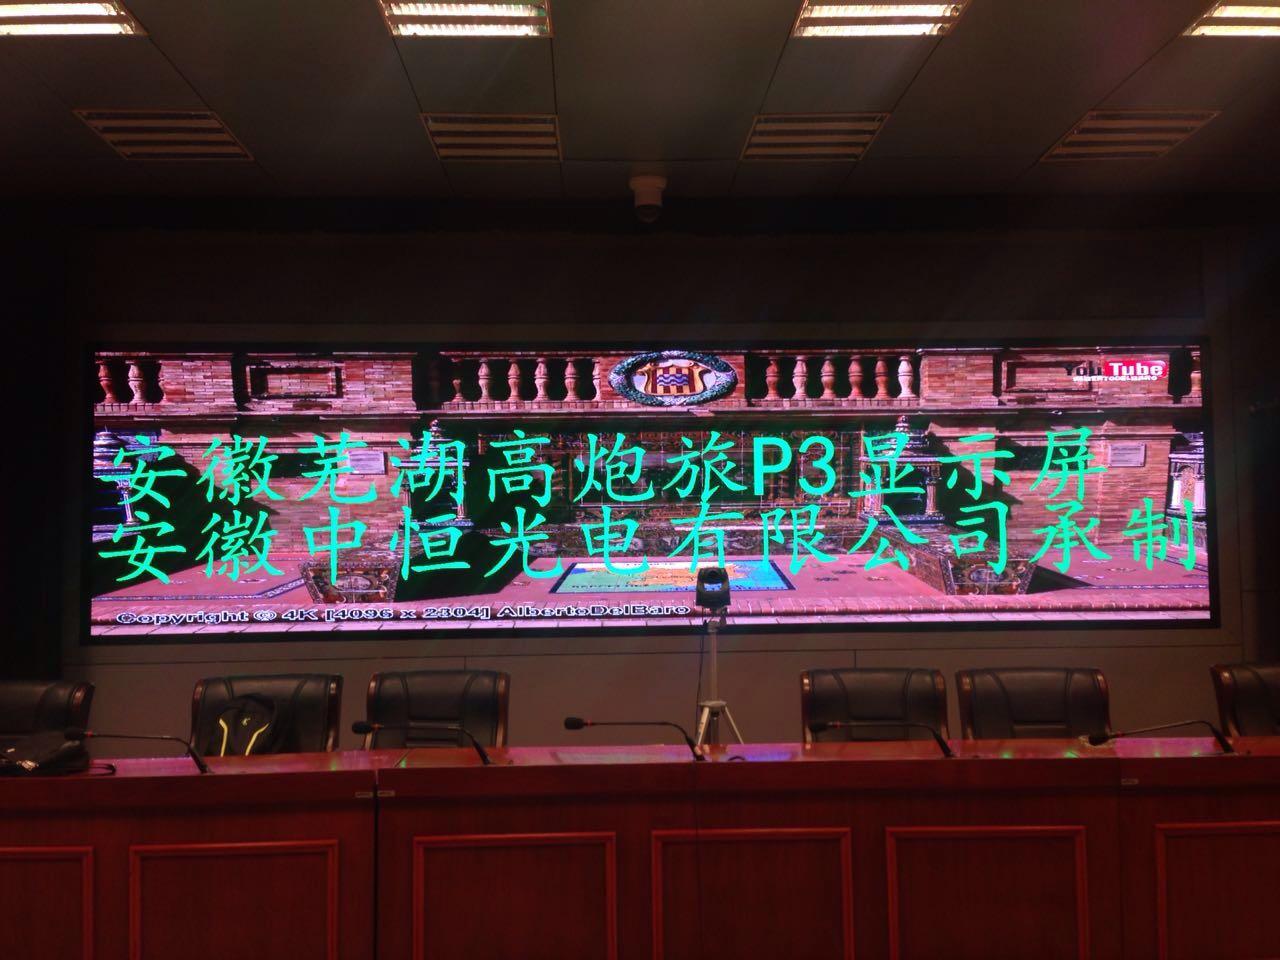 安徽芜湖高炮旅室内P3全彩